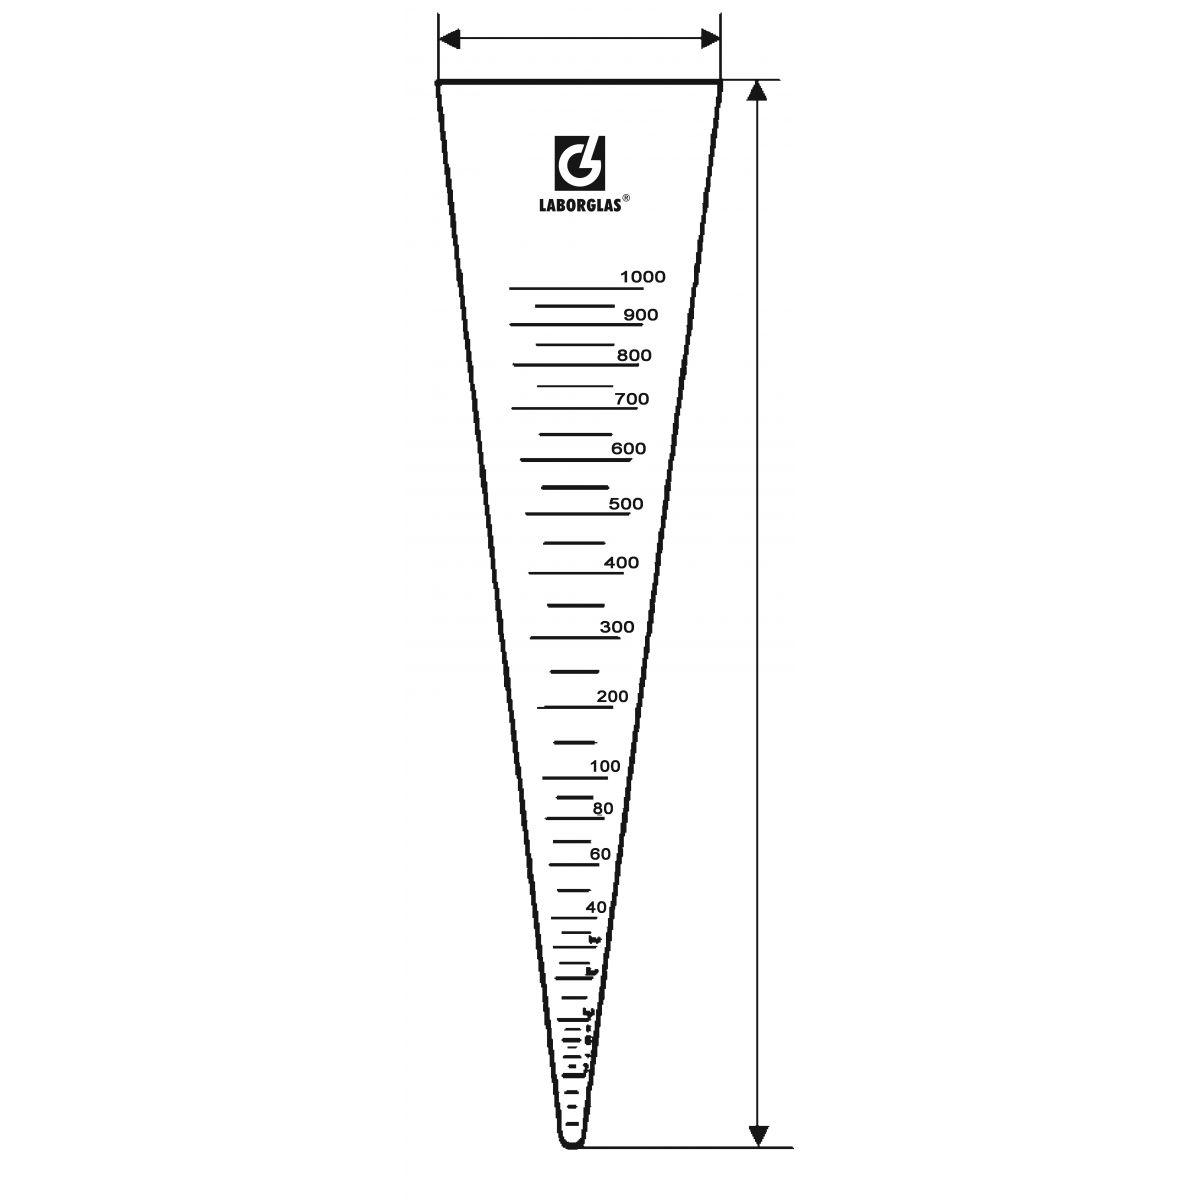 Cone de Sedimentação Imhoff Graduado  - loja.laborglas.com.br